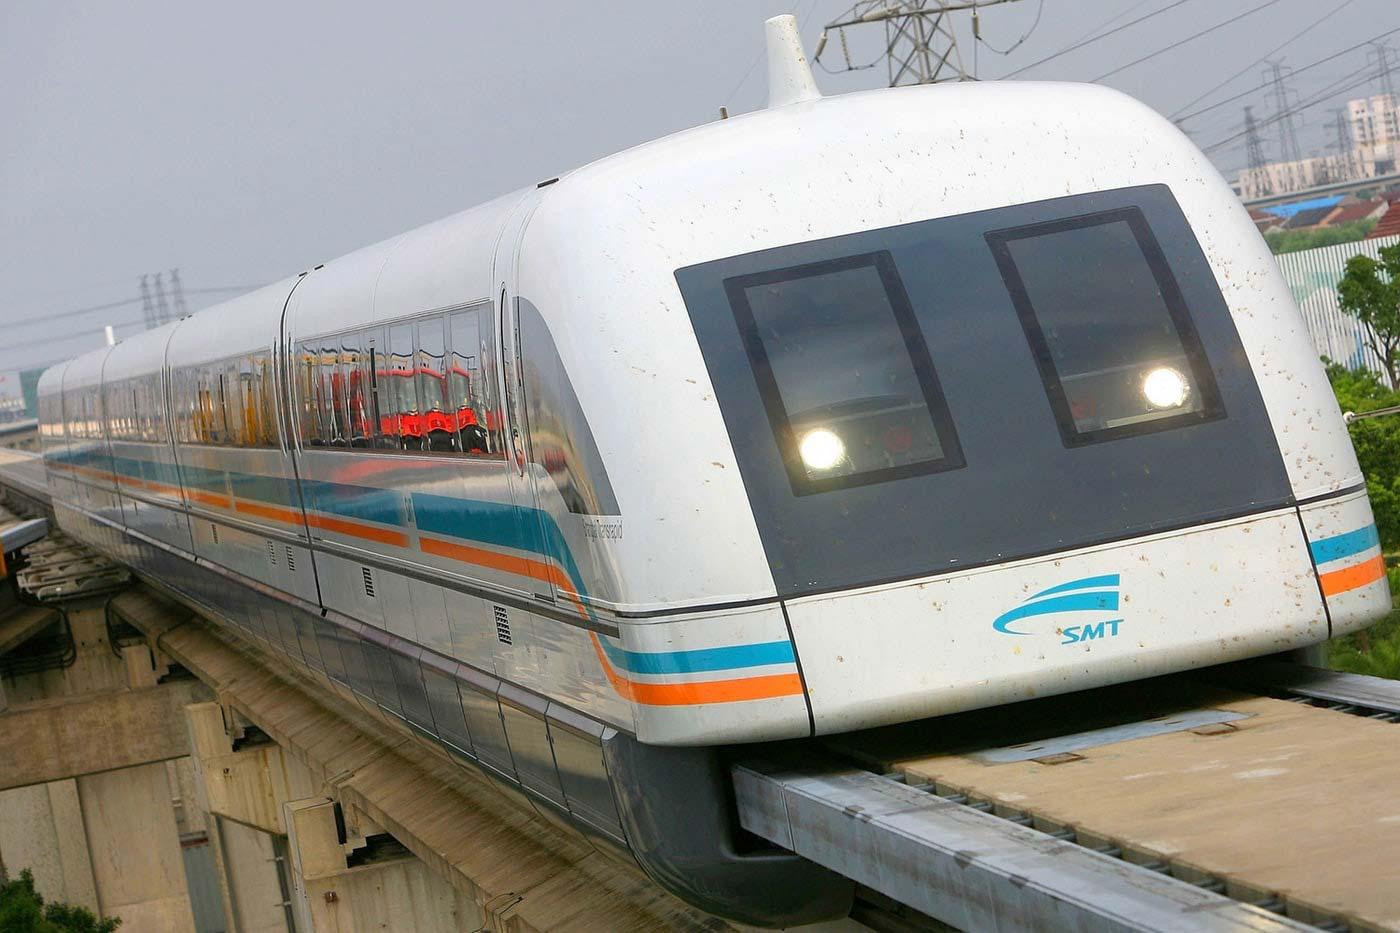 پیشتازی قطارهای برقی در جهان